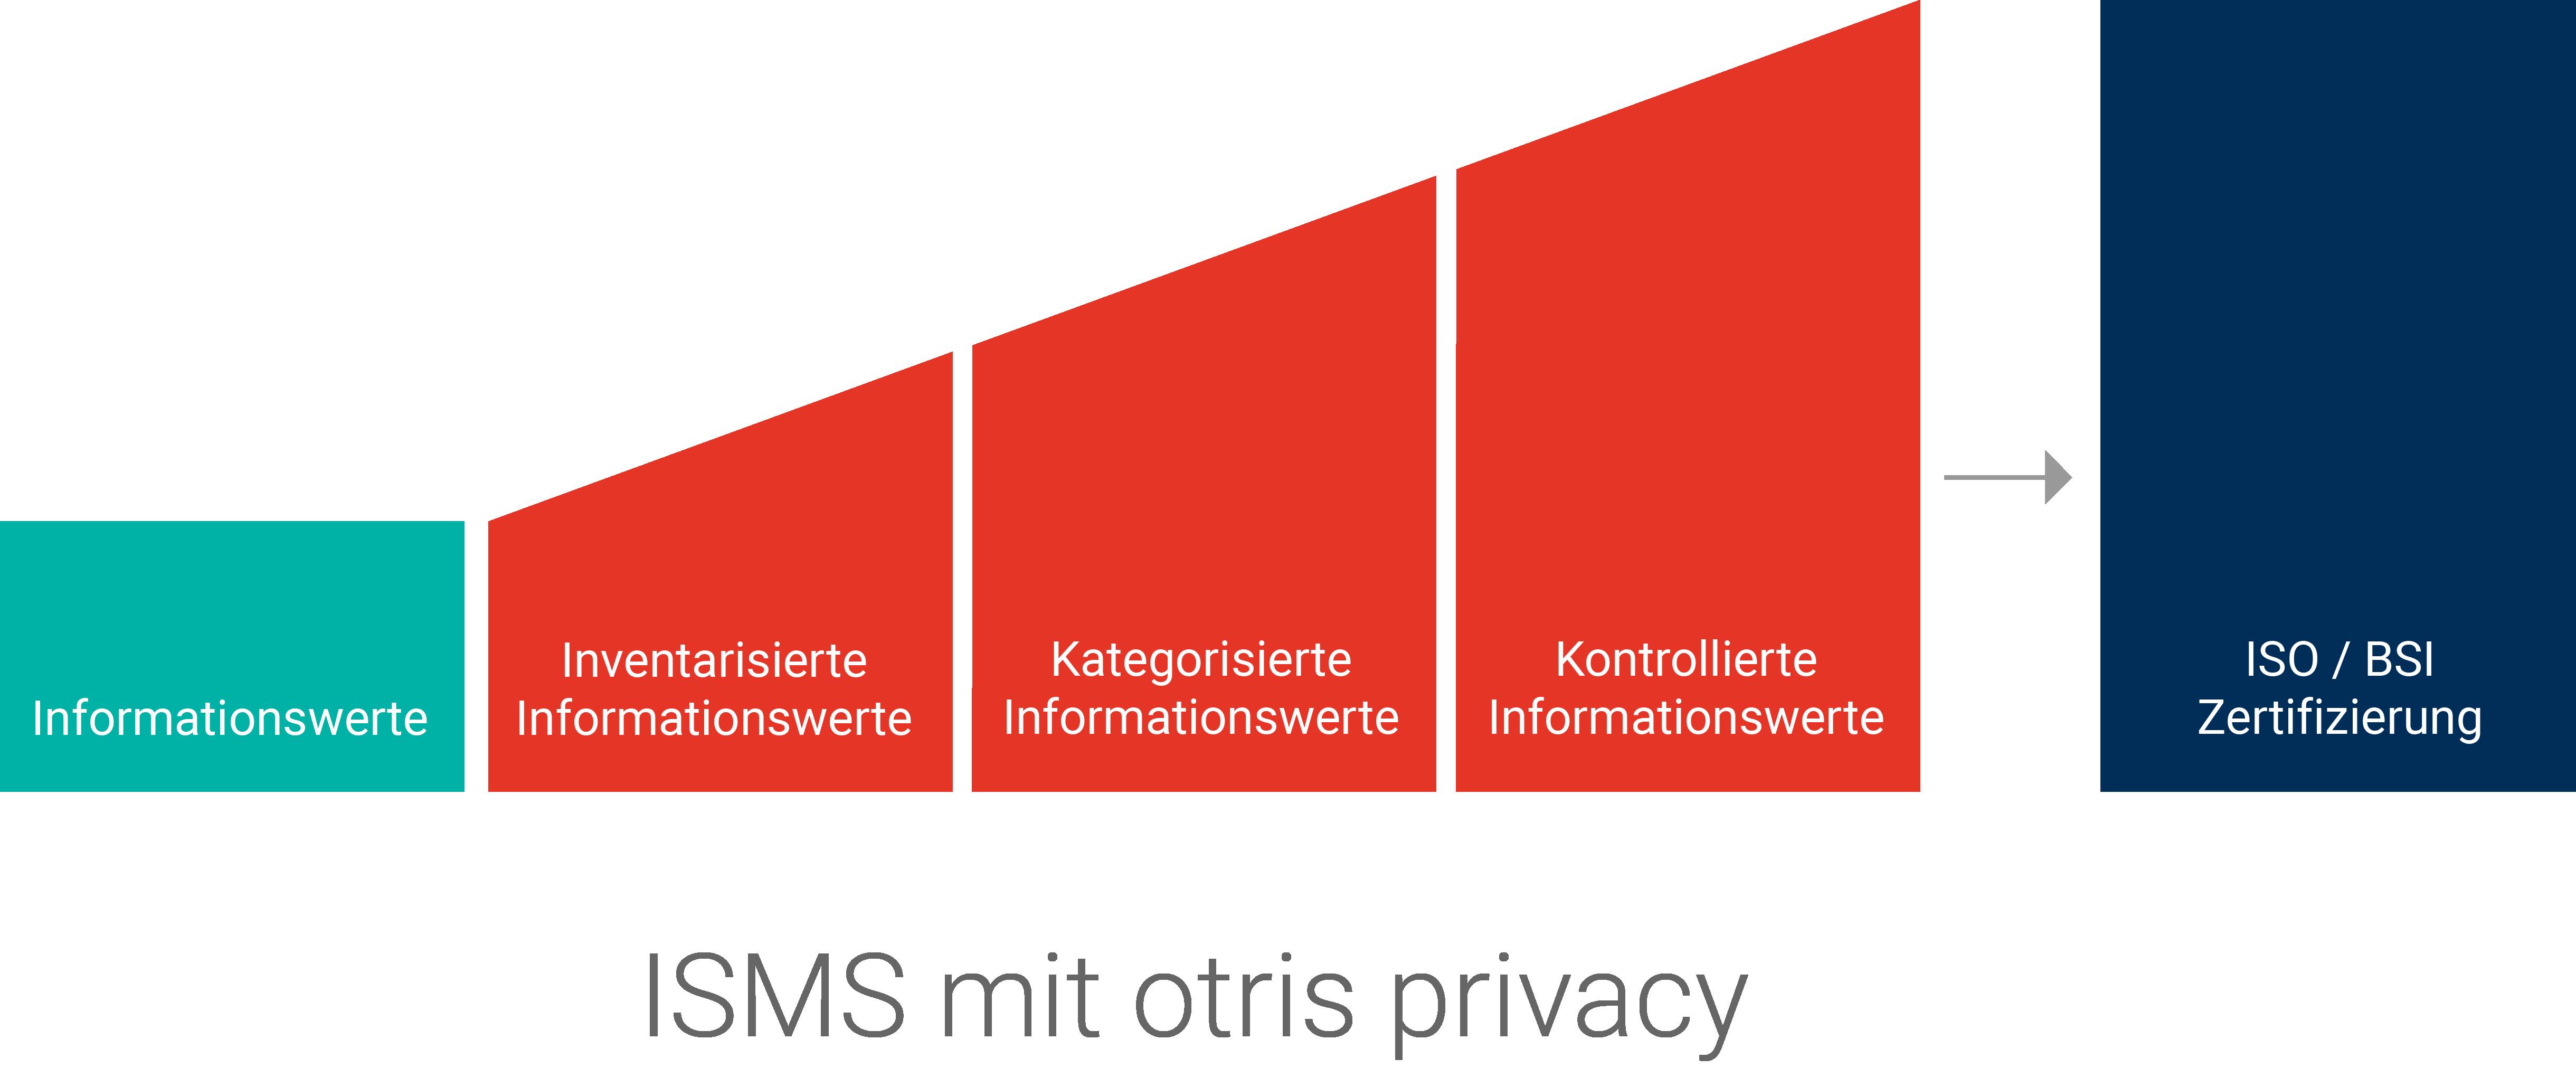 ISMS-Grafik_V4